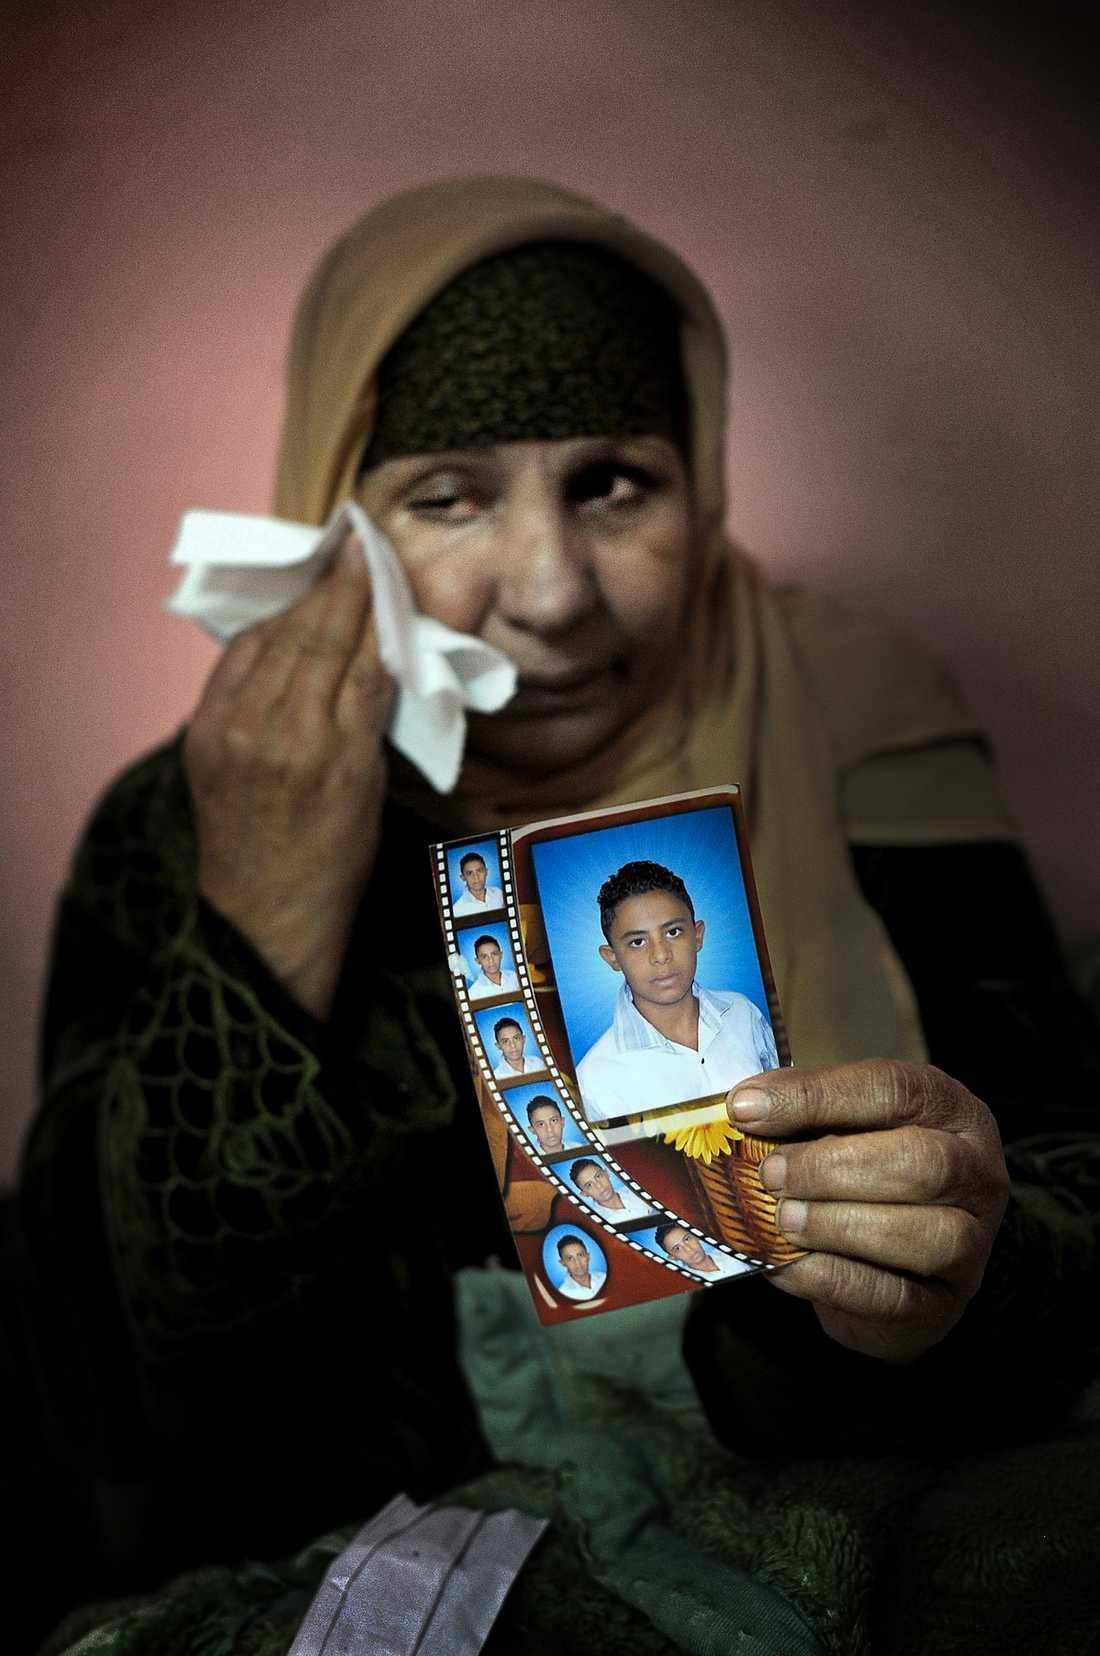 GRÅTER Sanaa, 63, med en bild på sonen Sameh. Han red till Tahrirtorget – sedan dess är han försvunnen.